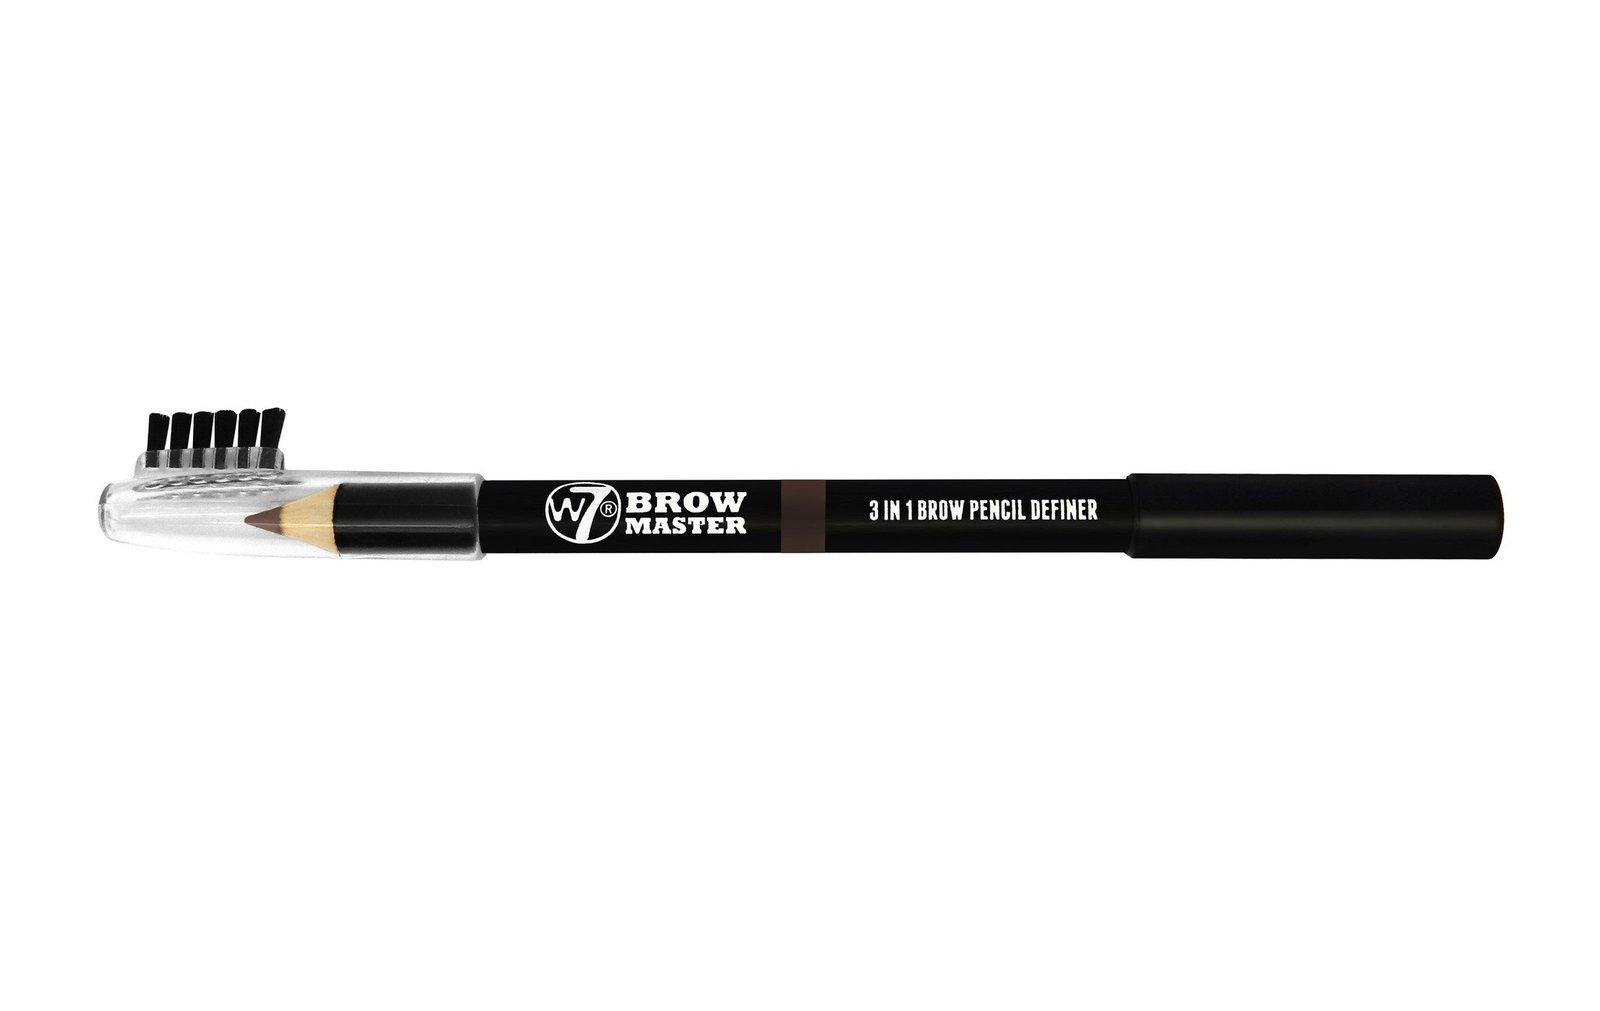 W7 Brow Master 3 in 1 Brow Pencil Definer (Dark Brown) image